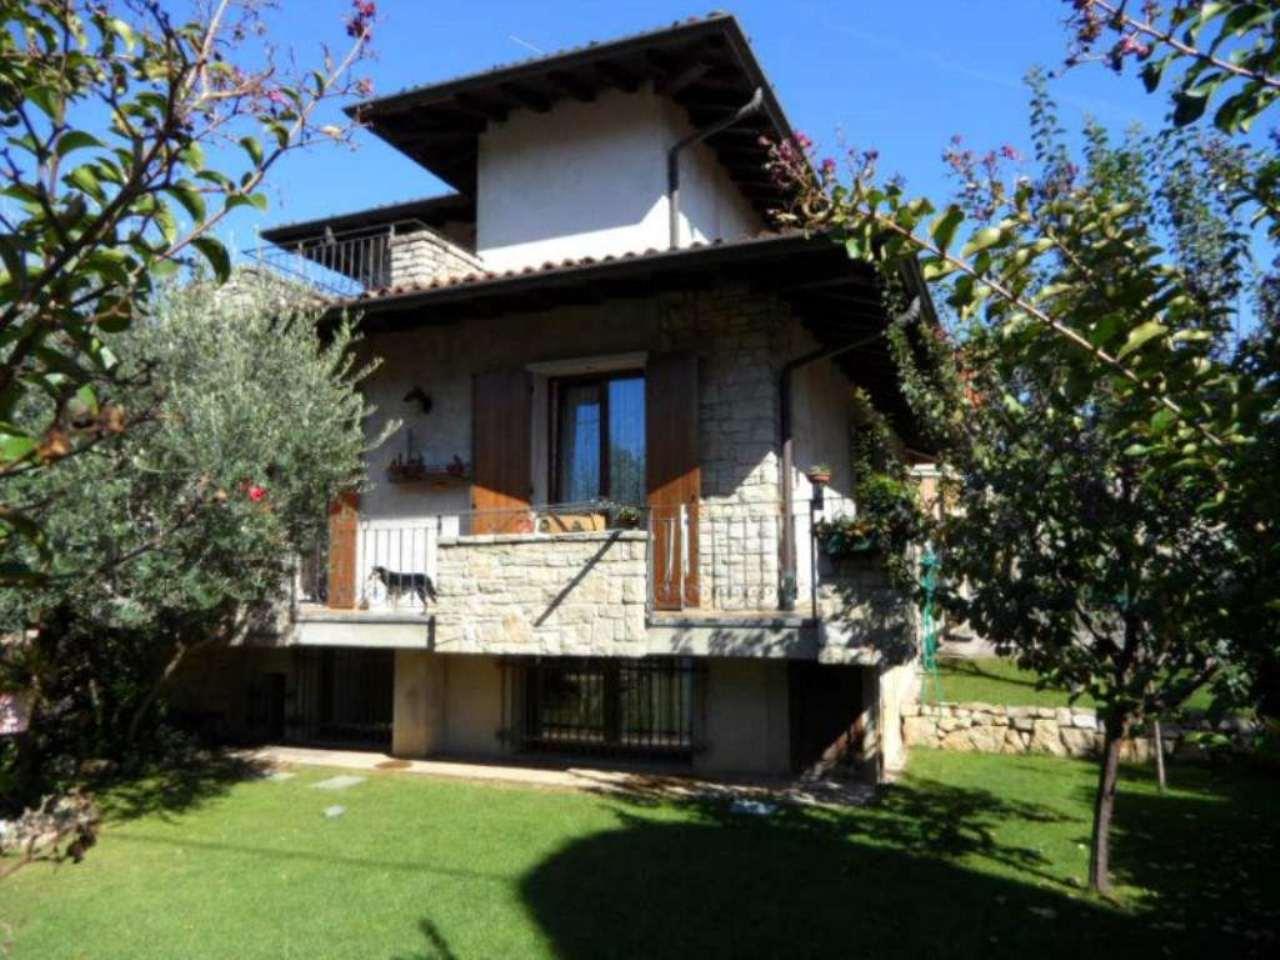 Villa in vendita a Albano Sant'Alessandro, 5 locali, prezzo € 375.000 | CambioCasa.it